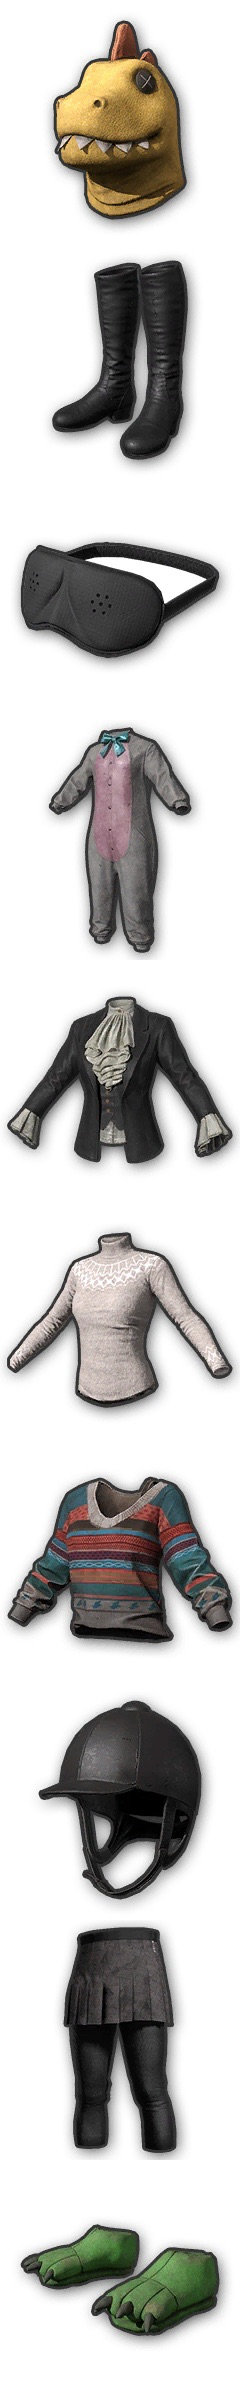 外网爆料:PUBG第七季新皮肤以及服装饰品即将上线